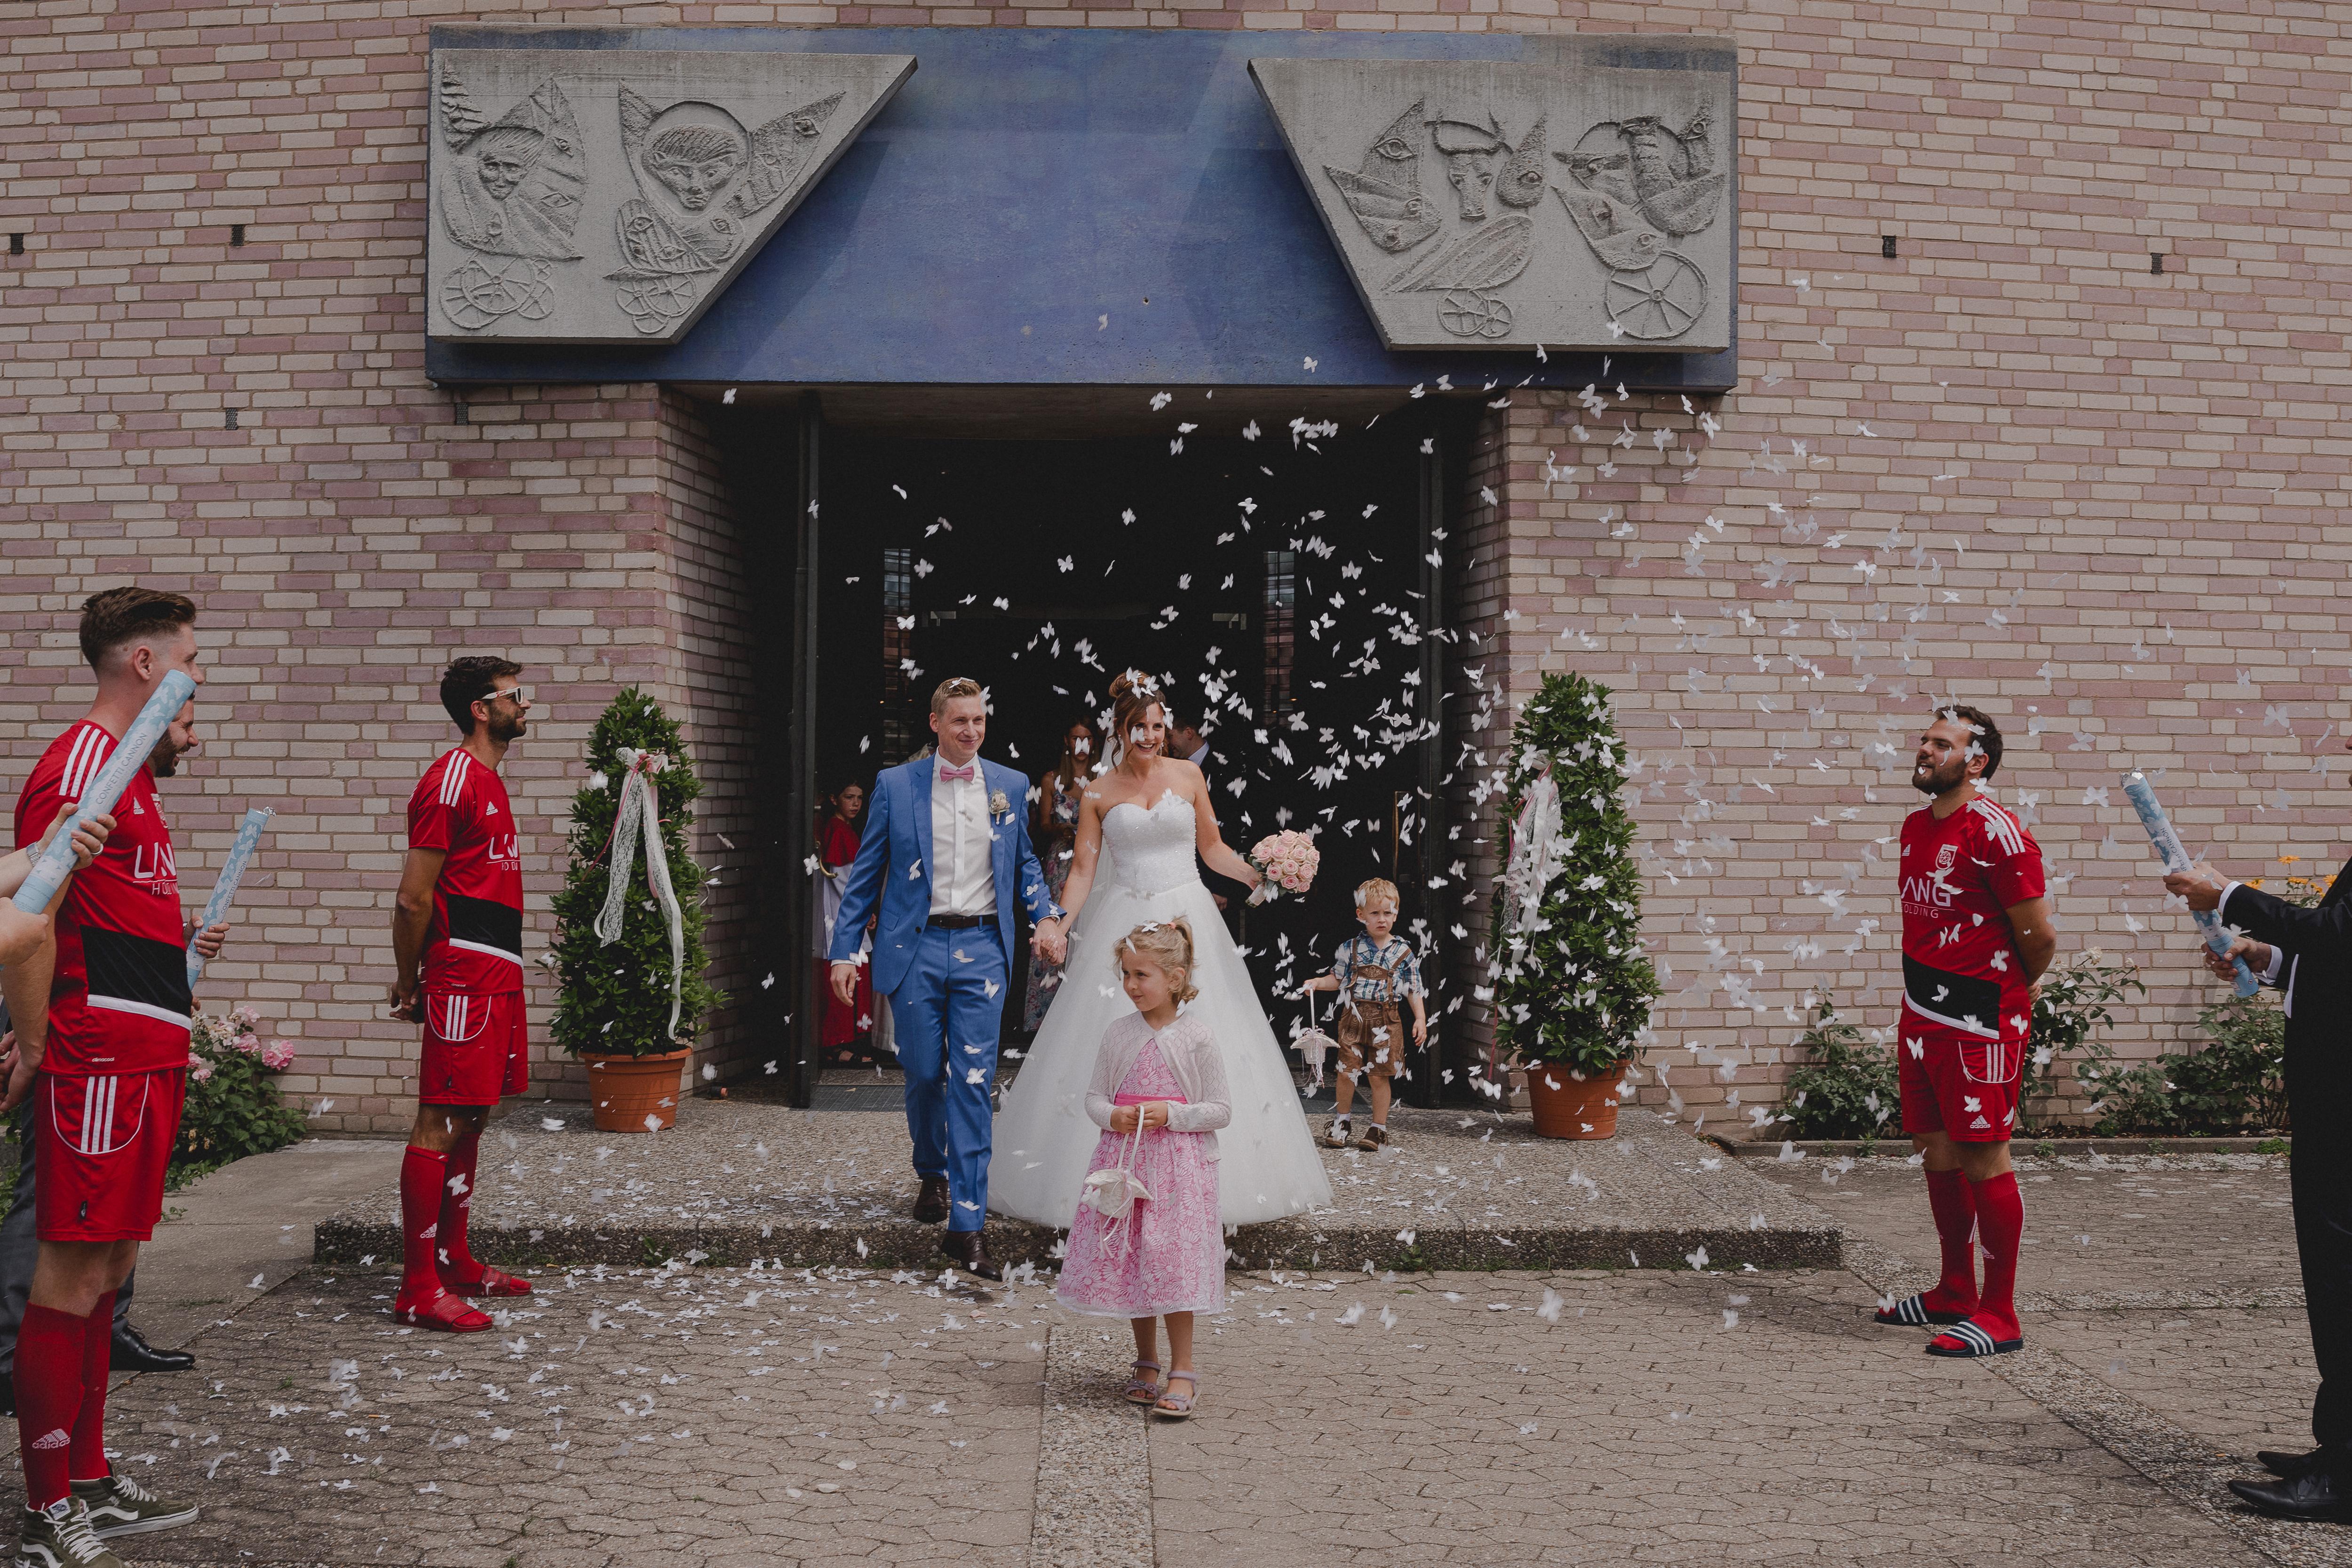 URBANERIE_Daniela_Goth_Vintage_Hochzeitsfotografin_Nuernberg_Fuerth_Erlangen_180630_0496